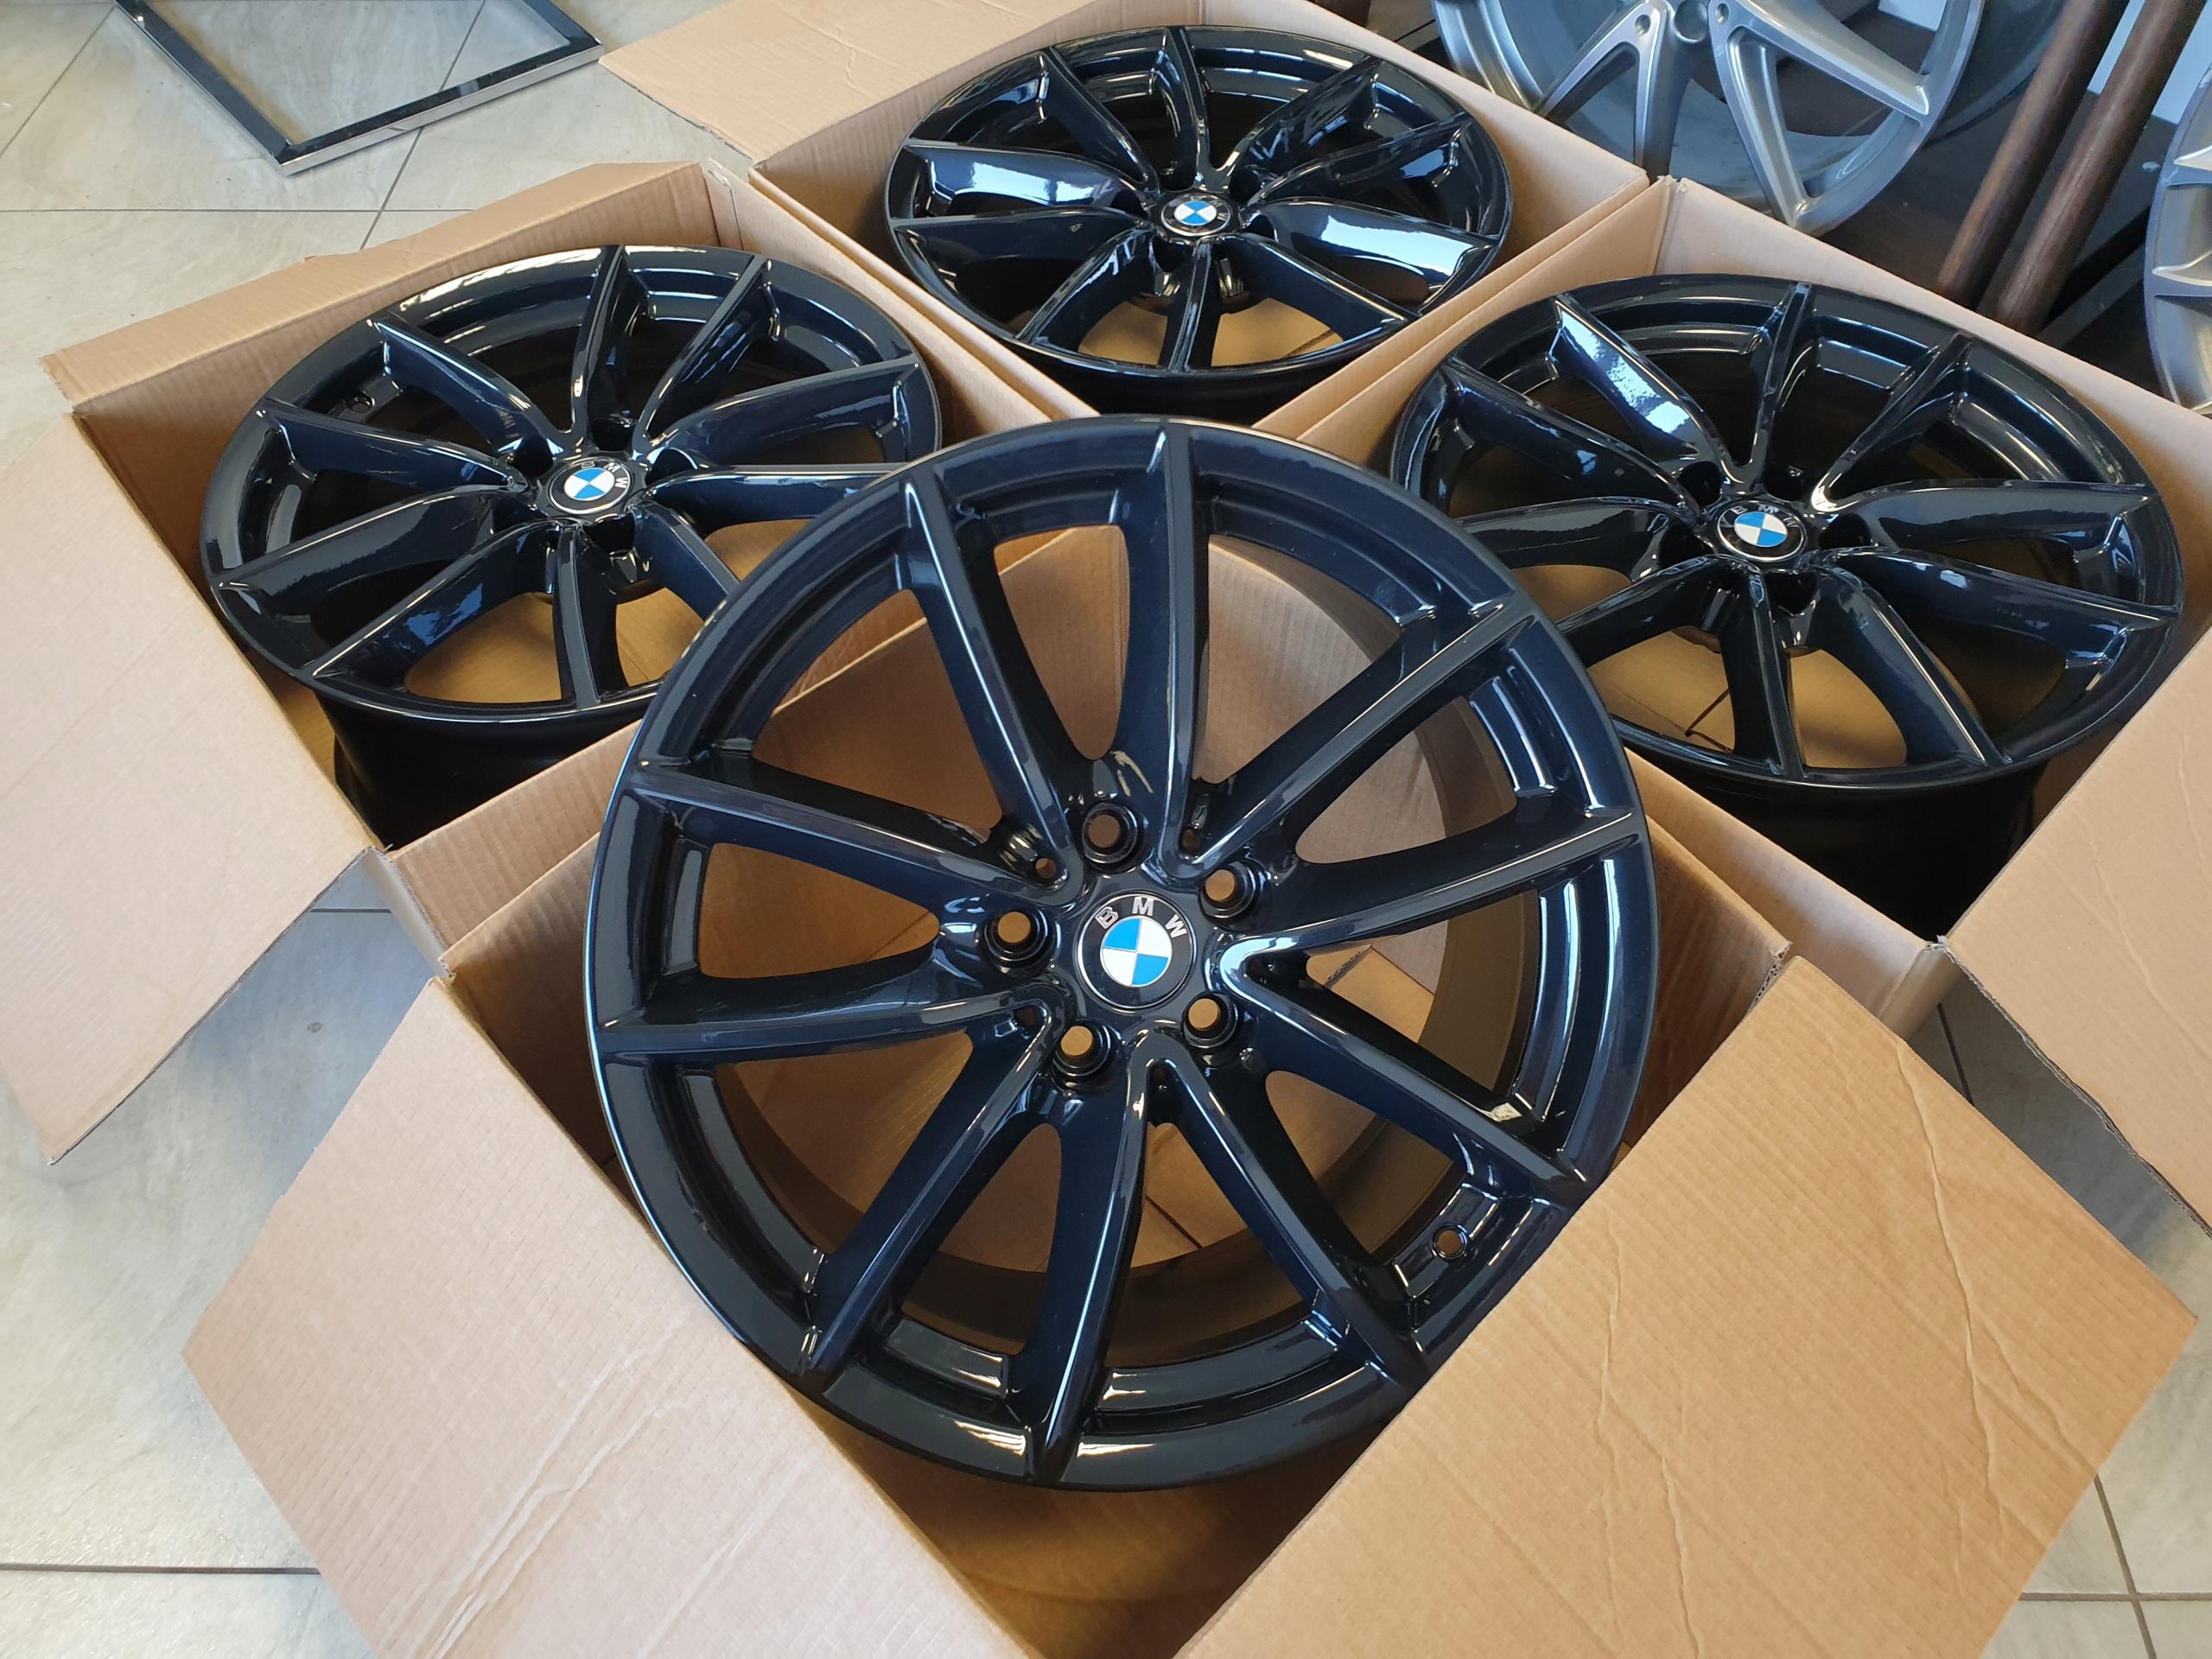 ЧЕРНЫЕ ДИСКИ Литые диски BMW X5 G05 18 INCH 5x112